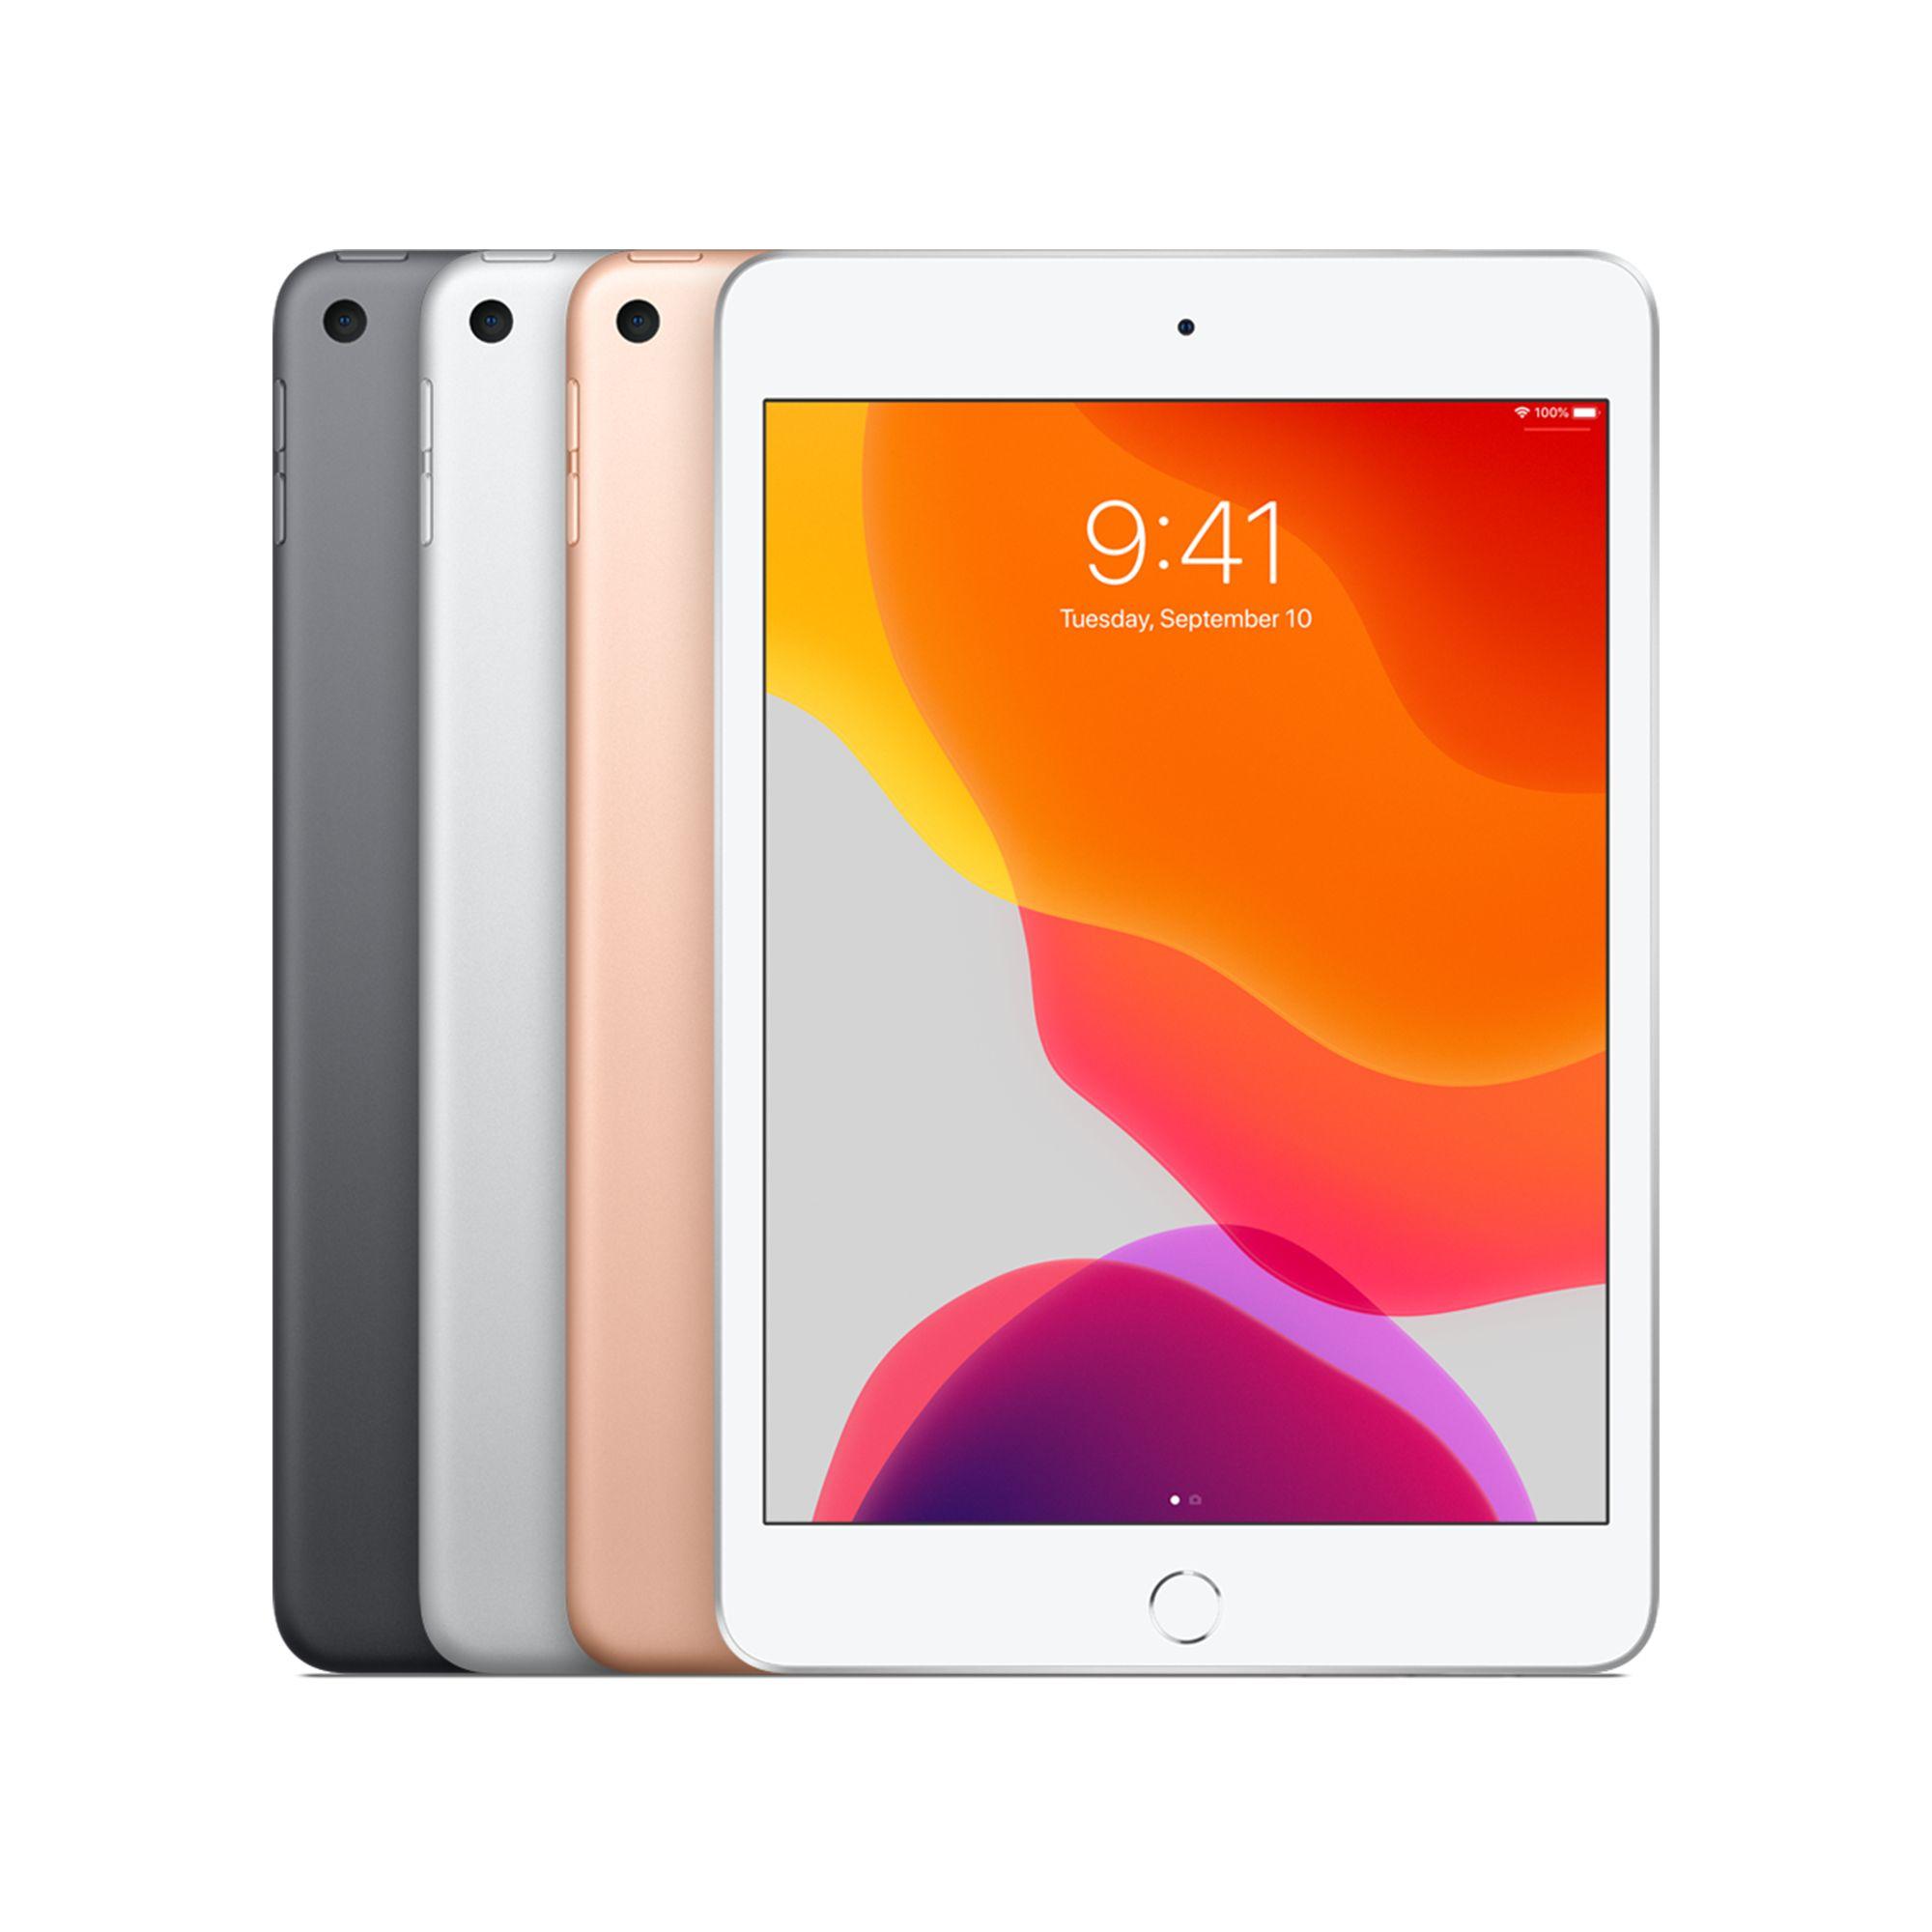 Buy iPad mini - Apple